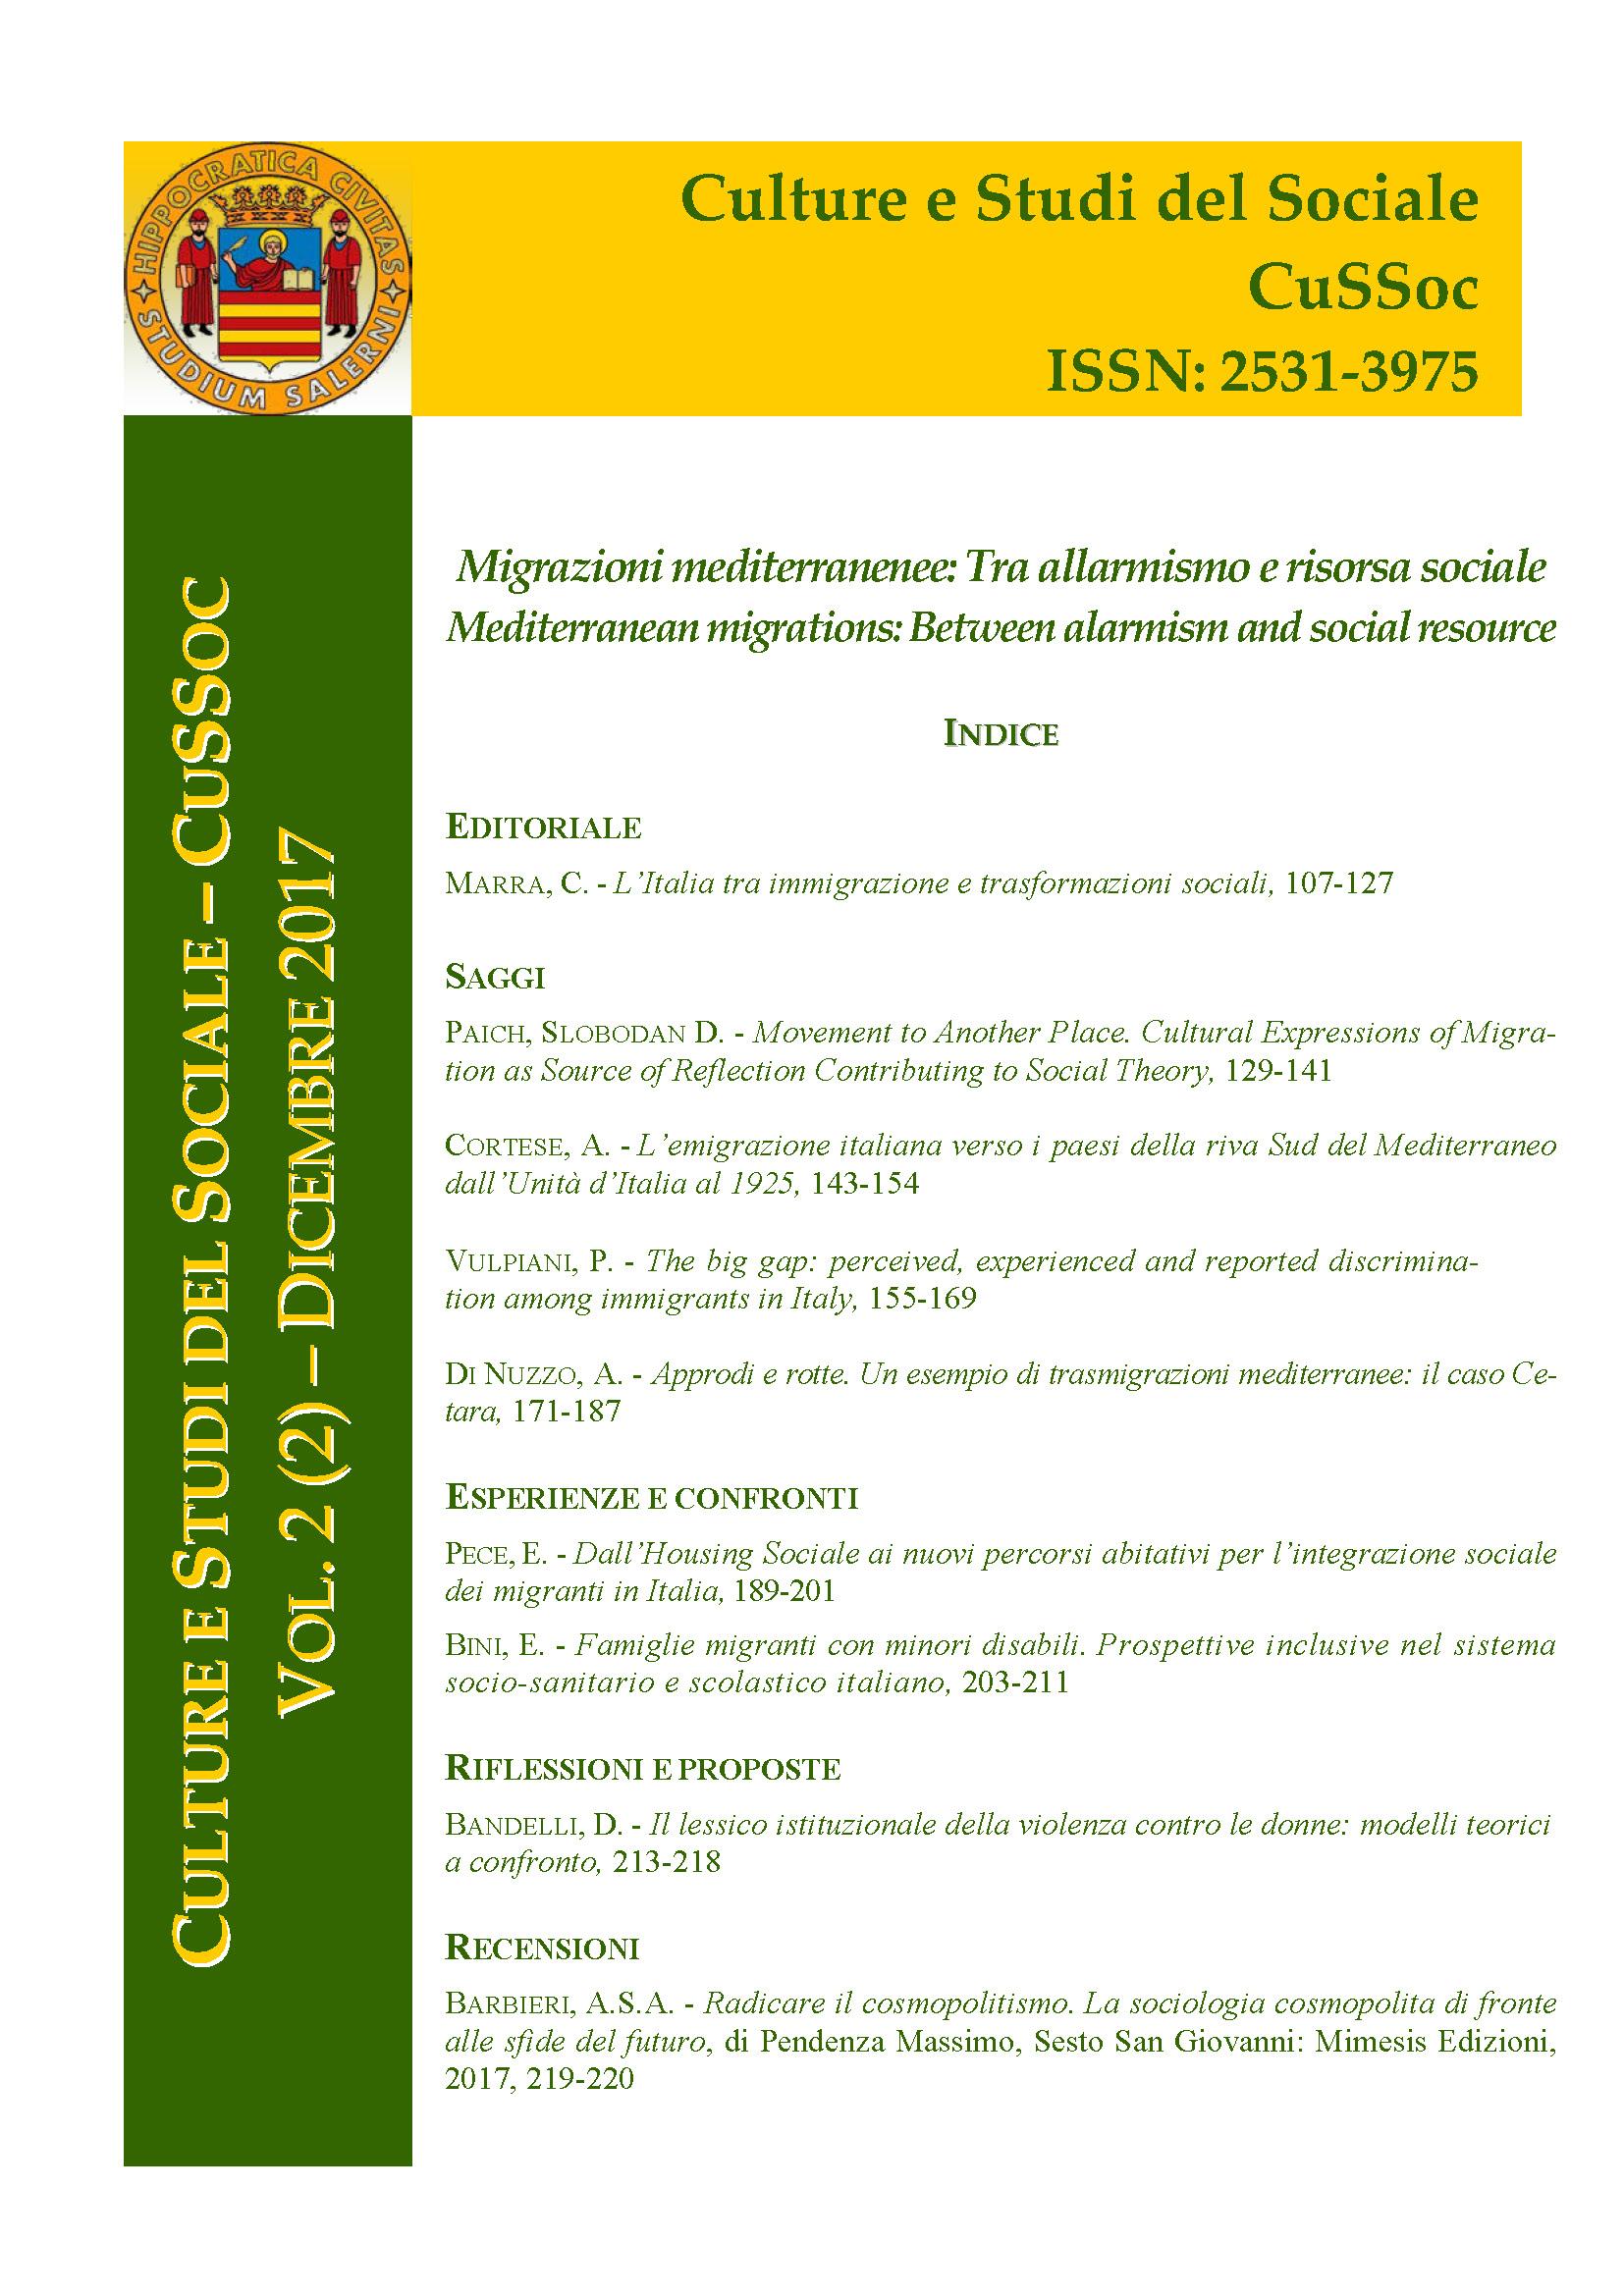 View Vol. 2 No. 2 (2017): Migrazioni mediterranee: Tra allarmismo e risorsa sociale / Mediterranean migrations: Between alarmism and social resource